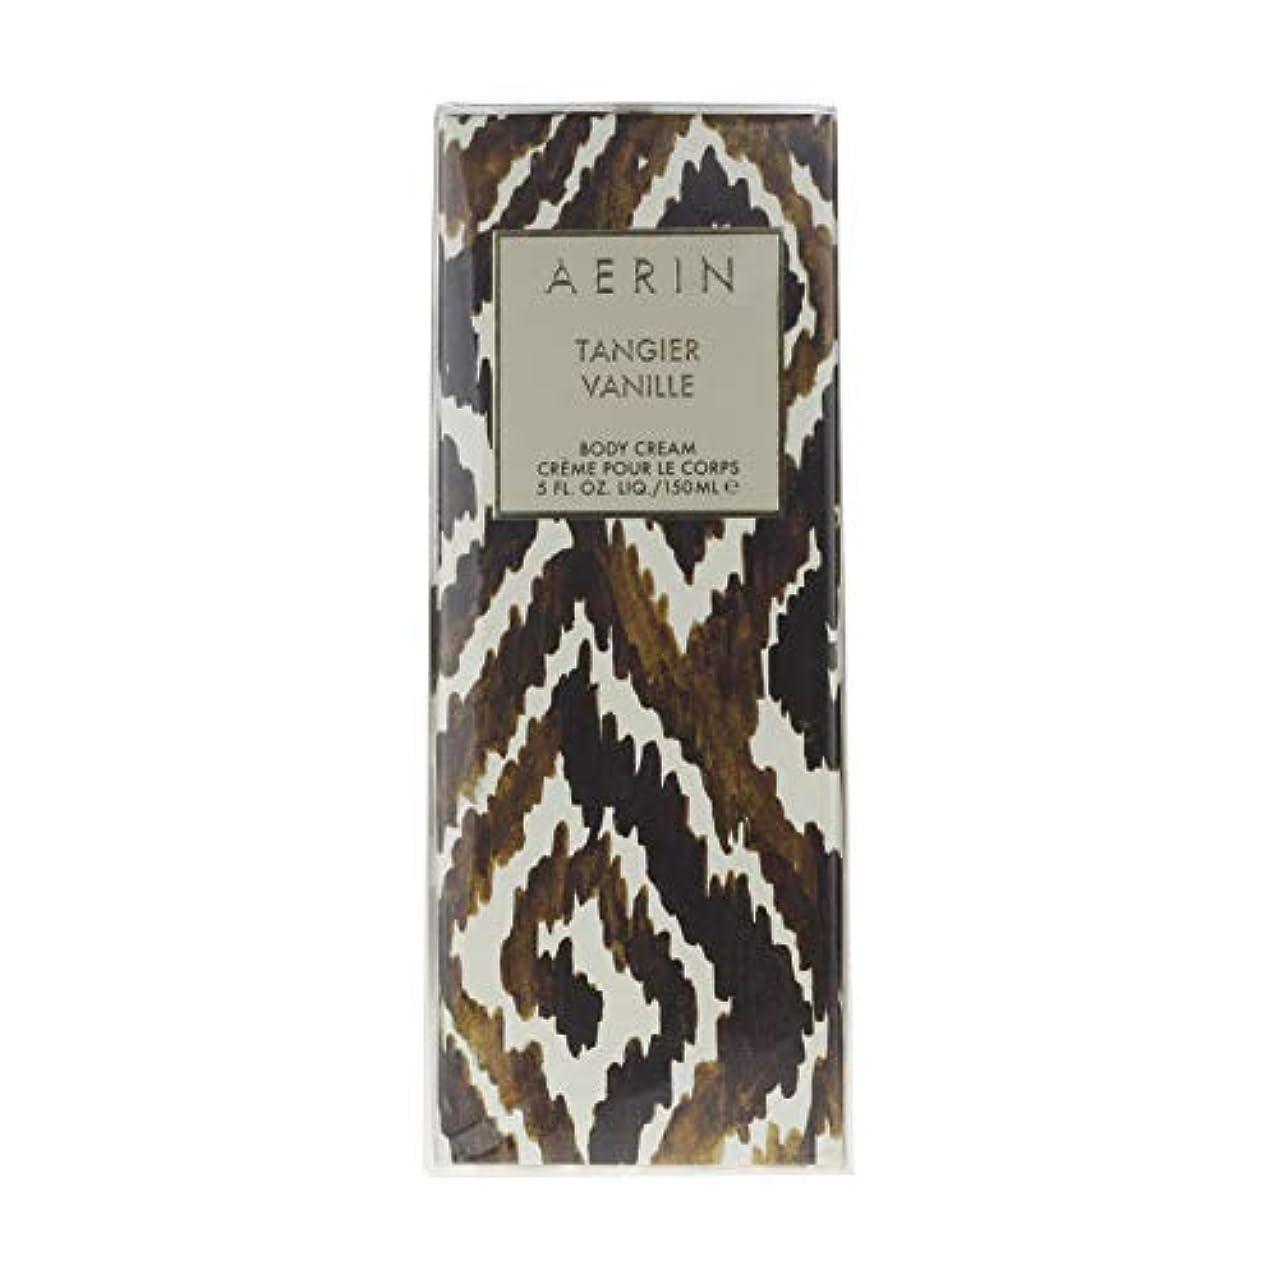 推進力たぶん思春期AERIN Tangier Vanille (アエリン タンジヤー バニール) 5.0 oz (150ml) Body Cream by Estee Lauder for Women